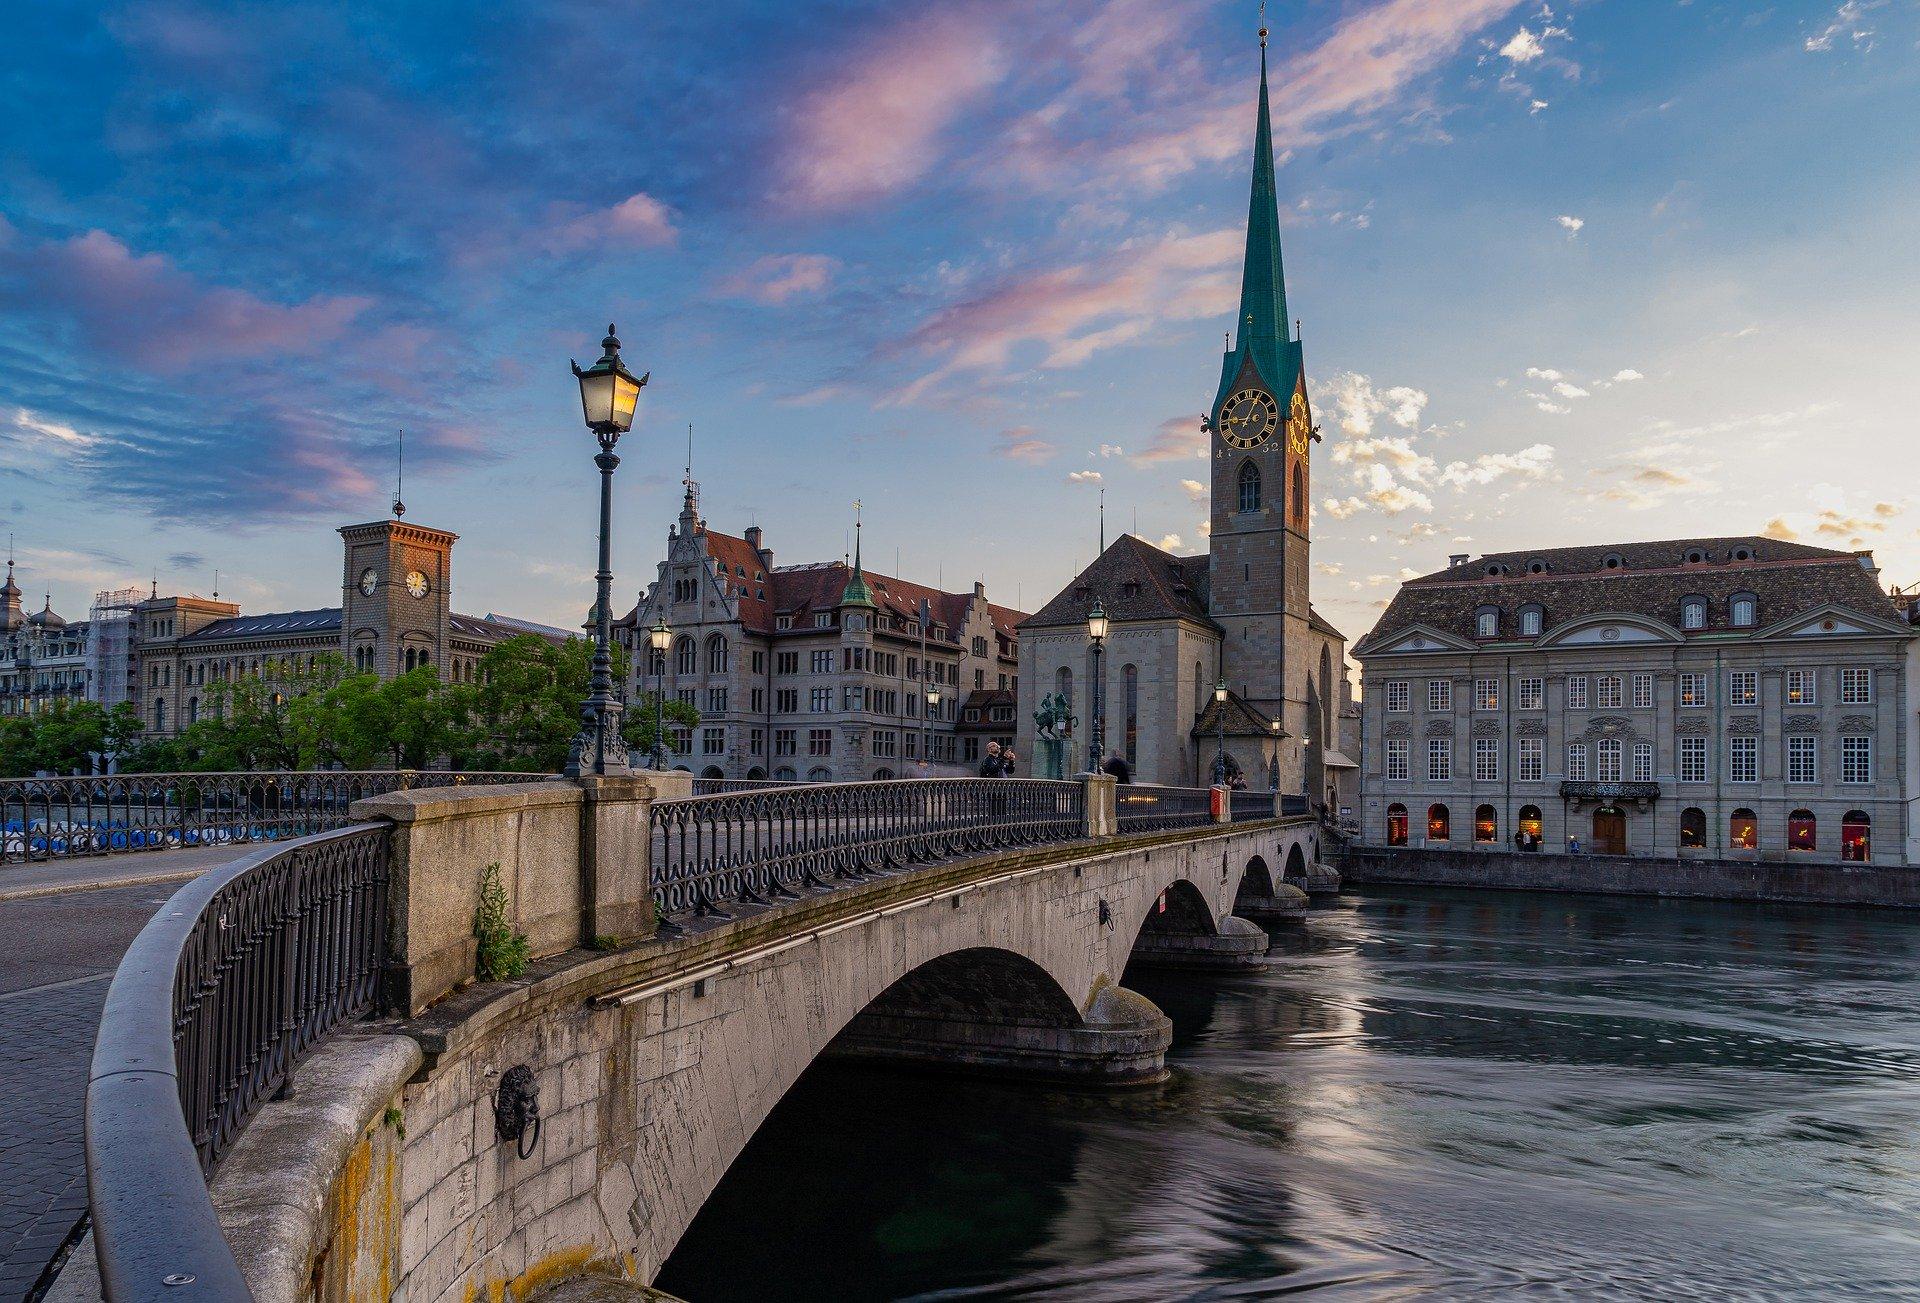 瑞士:疫情得以控制 擬6月15日開放邊界